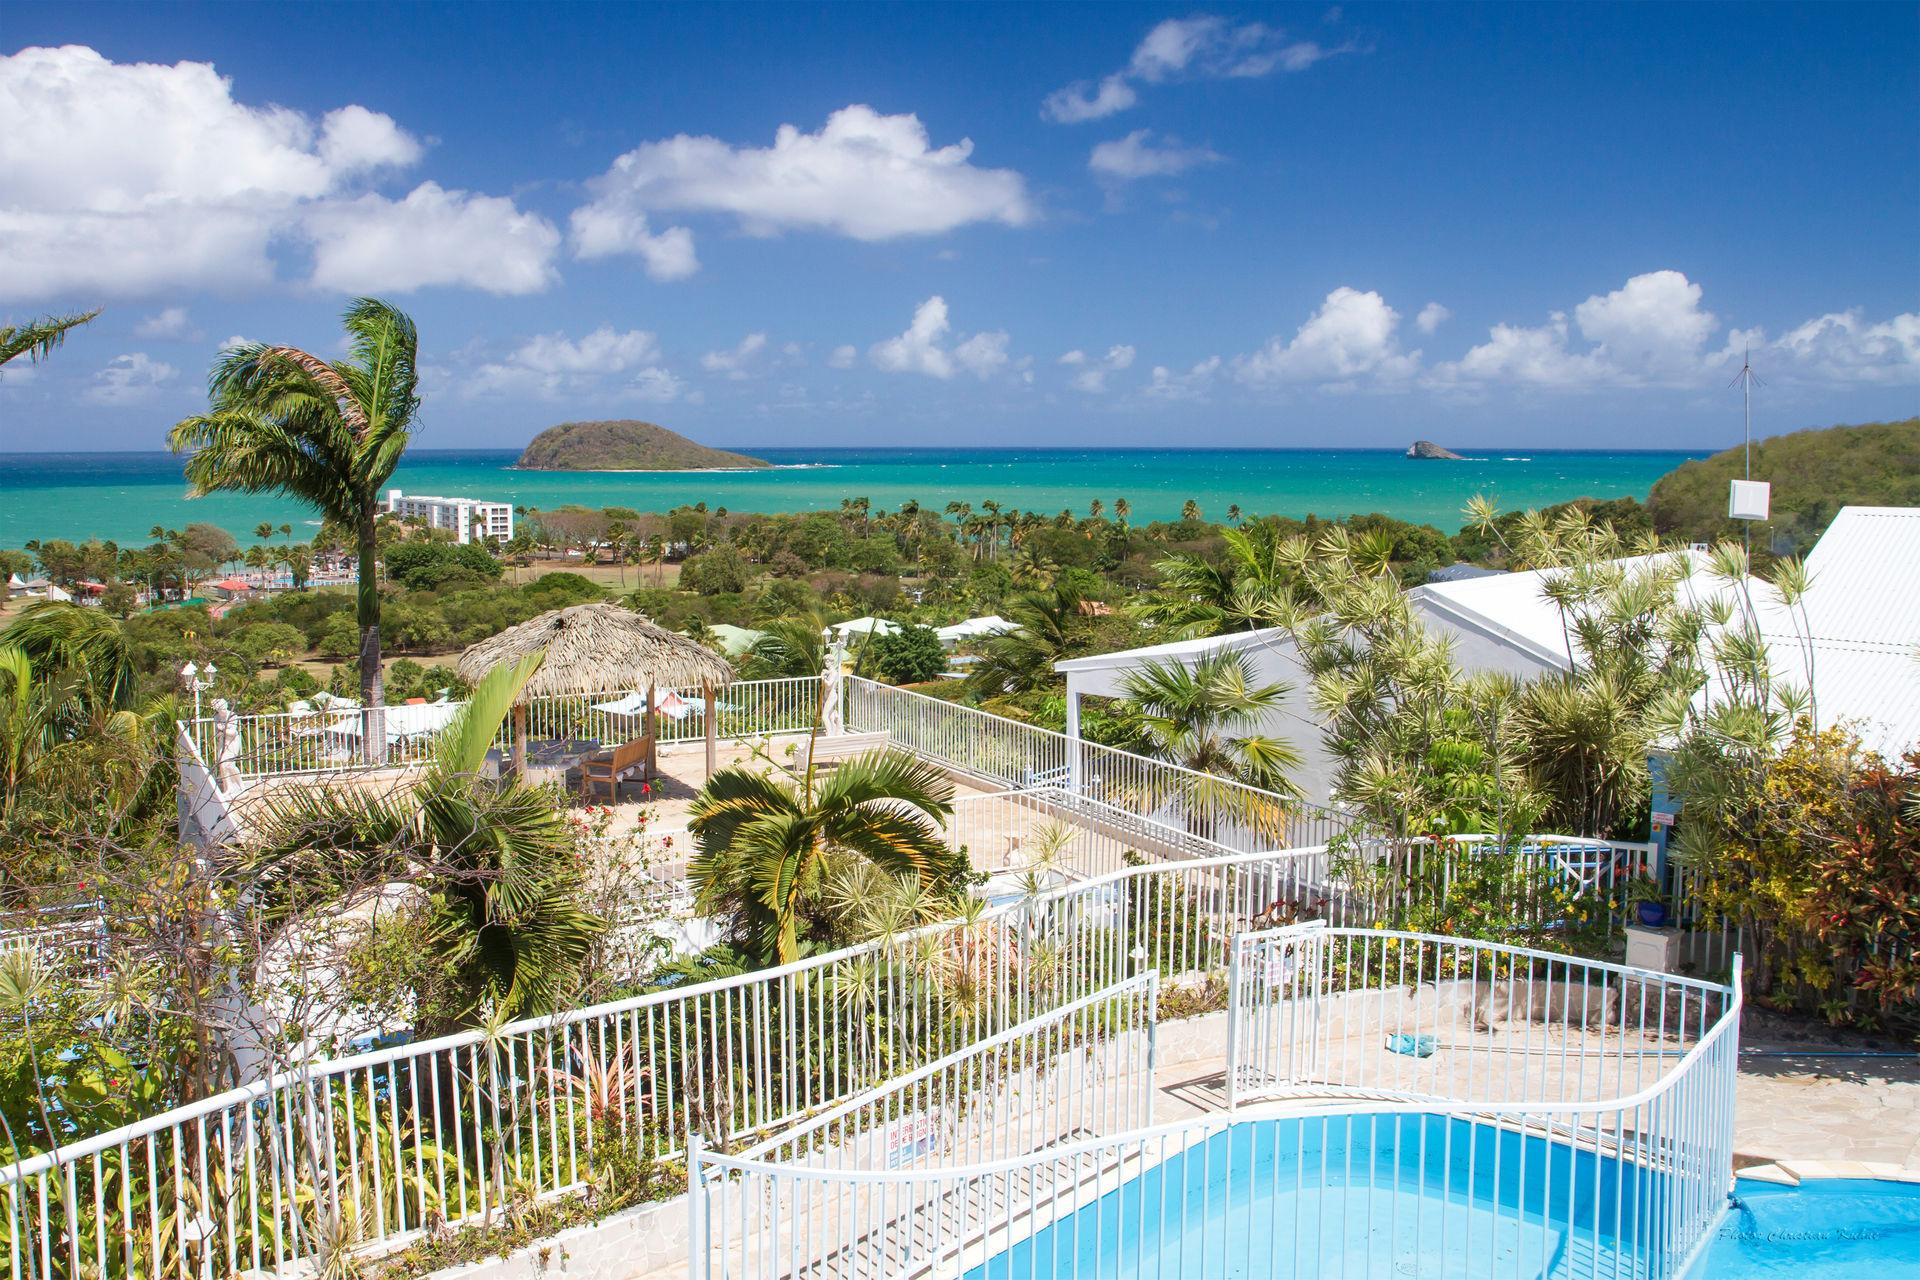 Résidence Caraïbes Bonheur 4* avec location de voiture